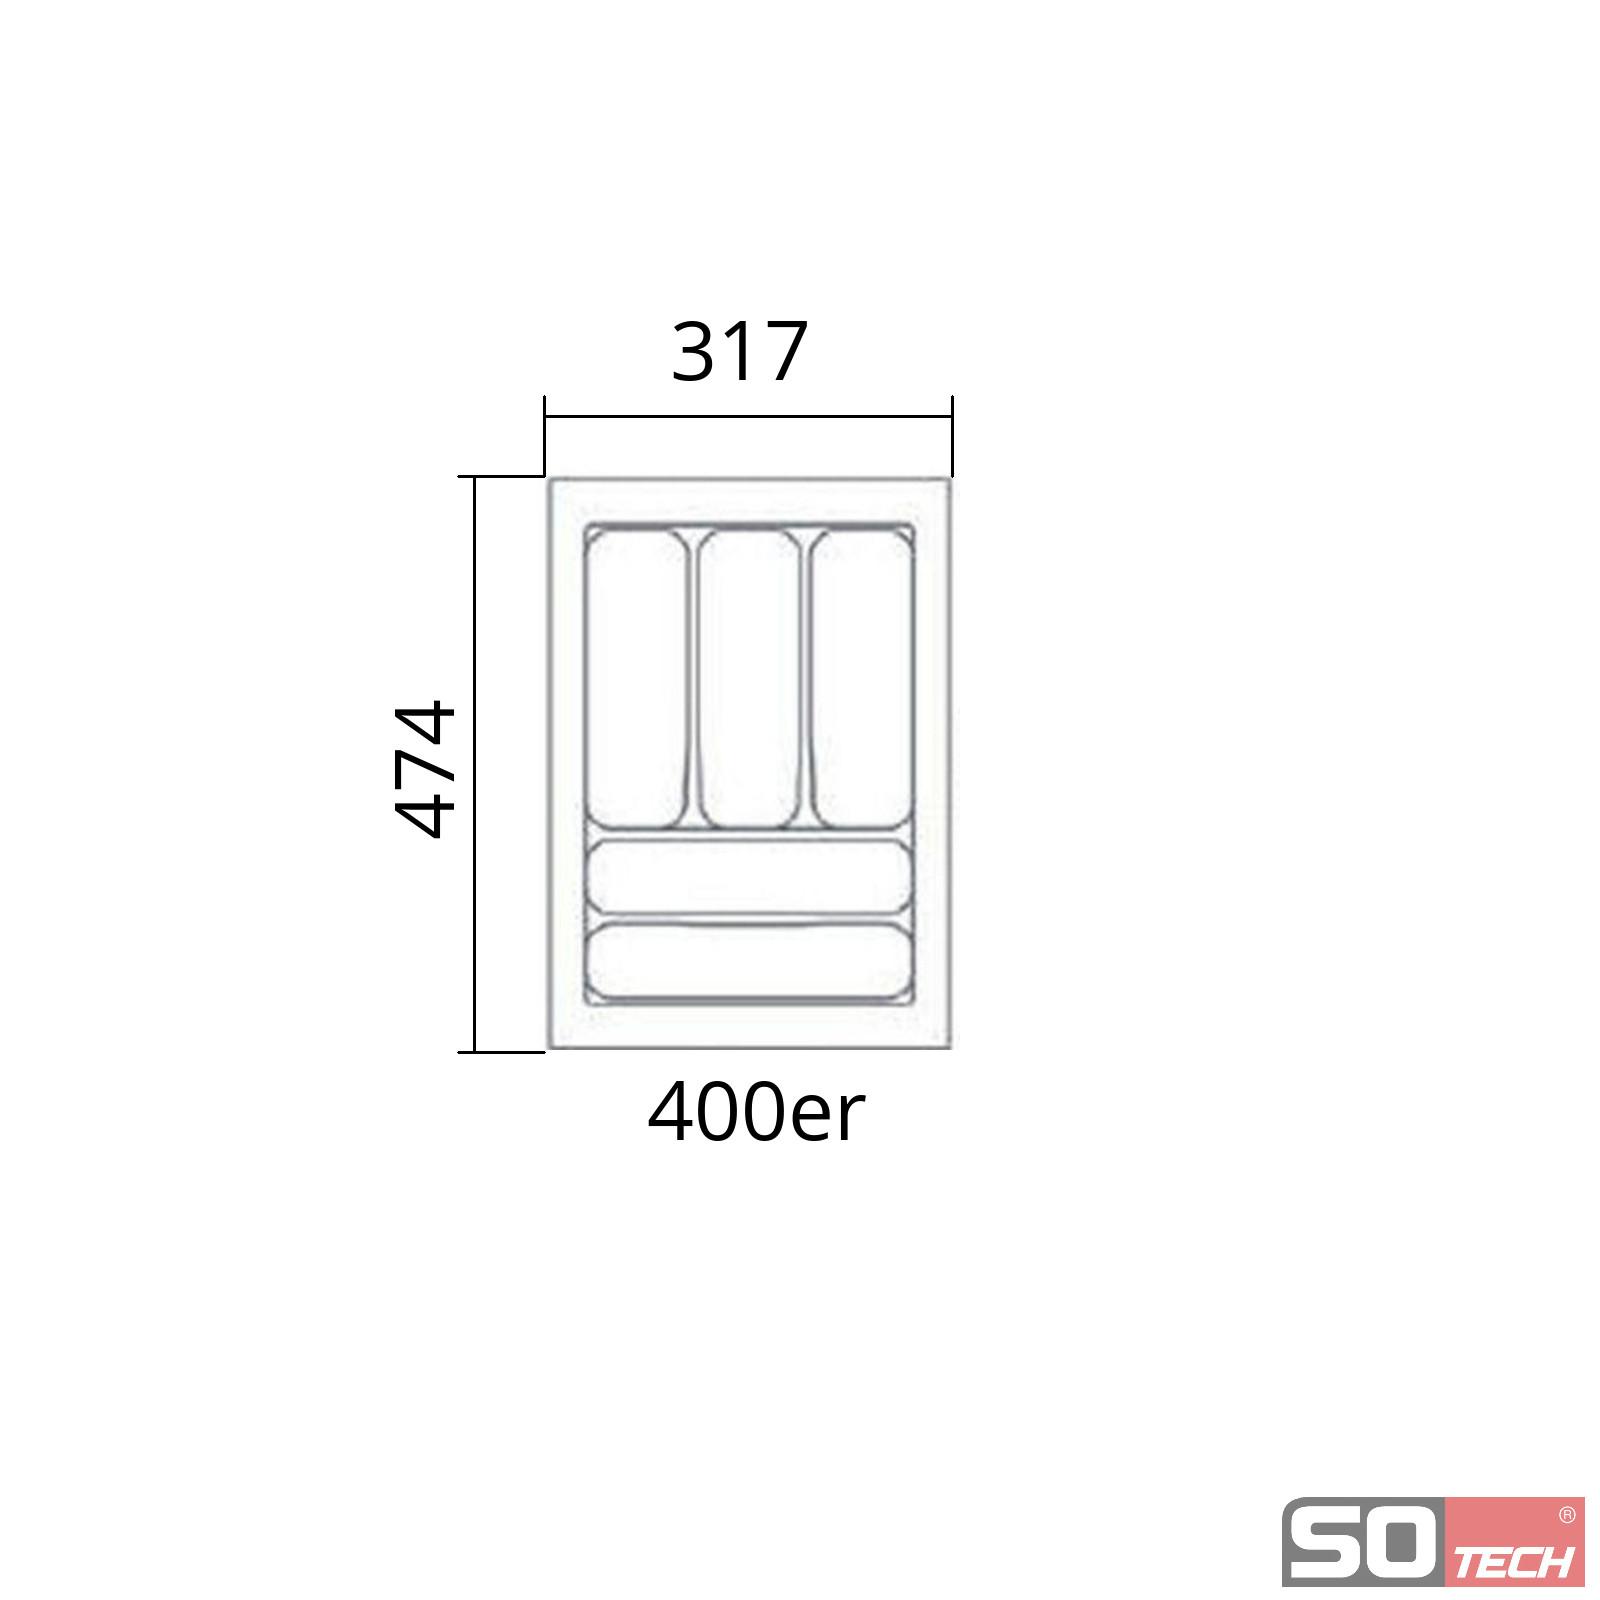 siematic k che 60er aufputz steckdose k che zwei zeilen ikea nachbestellen alte ersatzteile. Black Bedroom Furniture Sets. Home Design Ideas